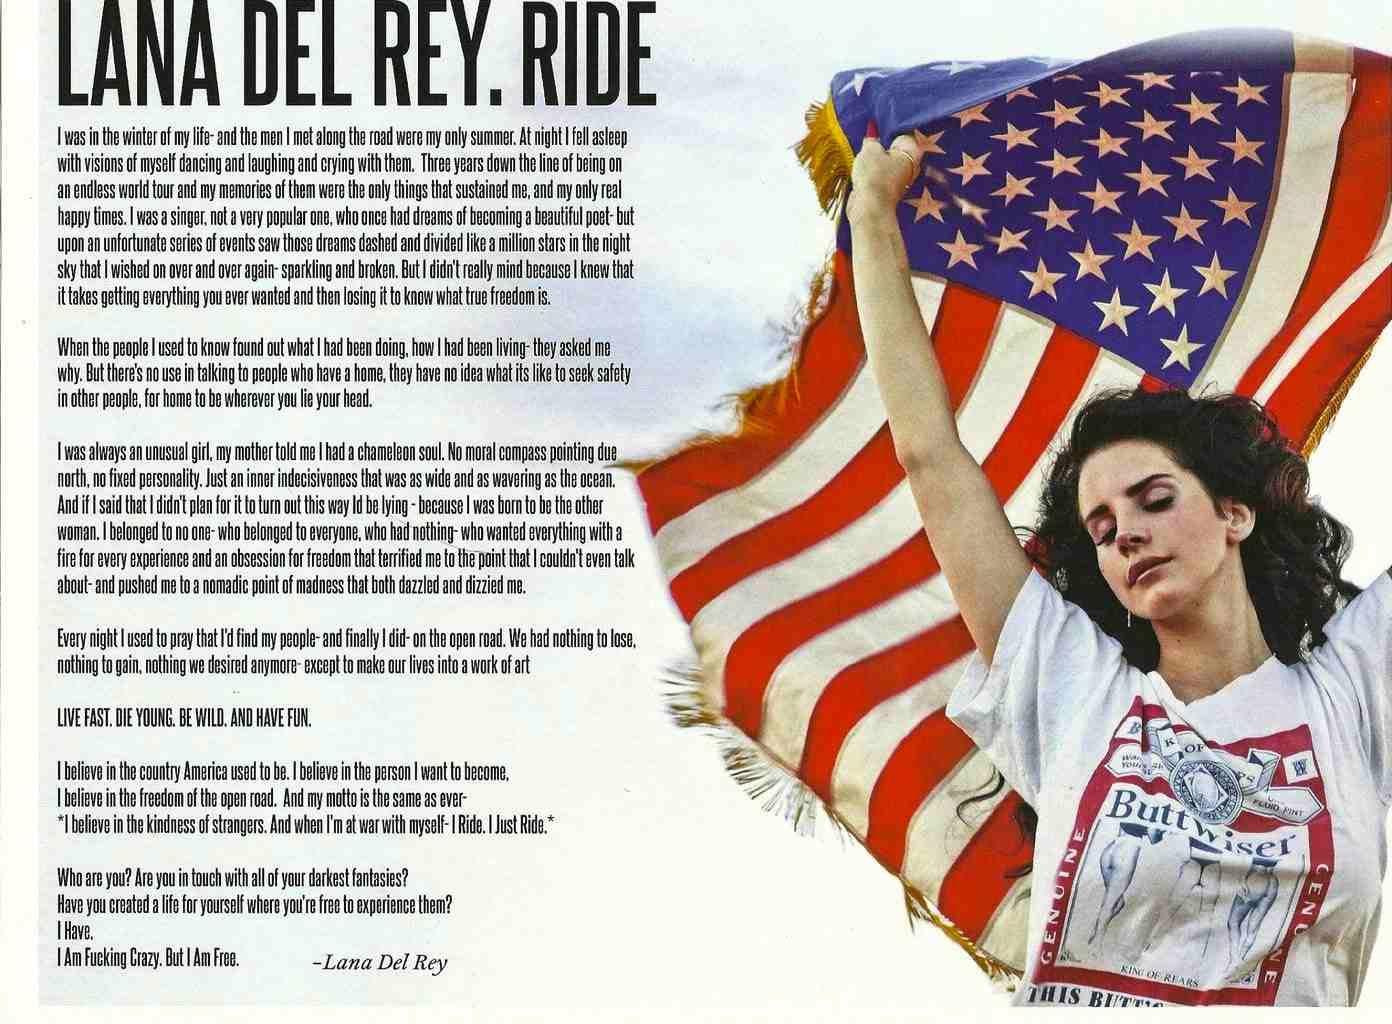 Ride Monologue By Lana Del Rey Lanadelrey Ride Eai My Idol